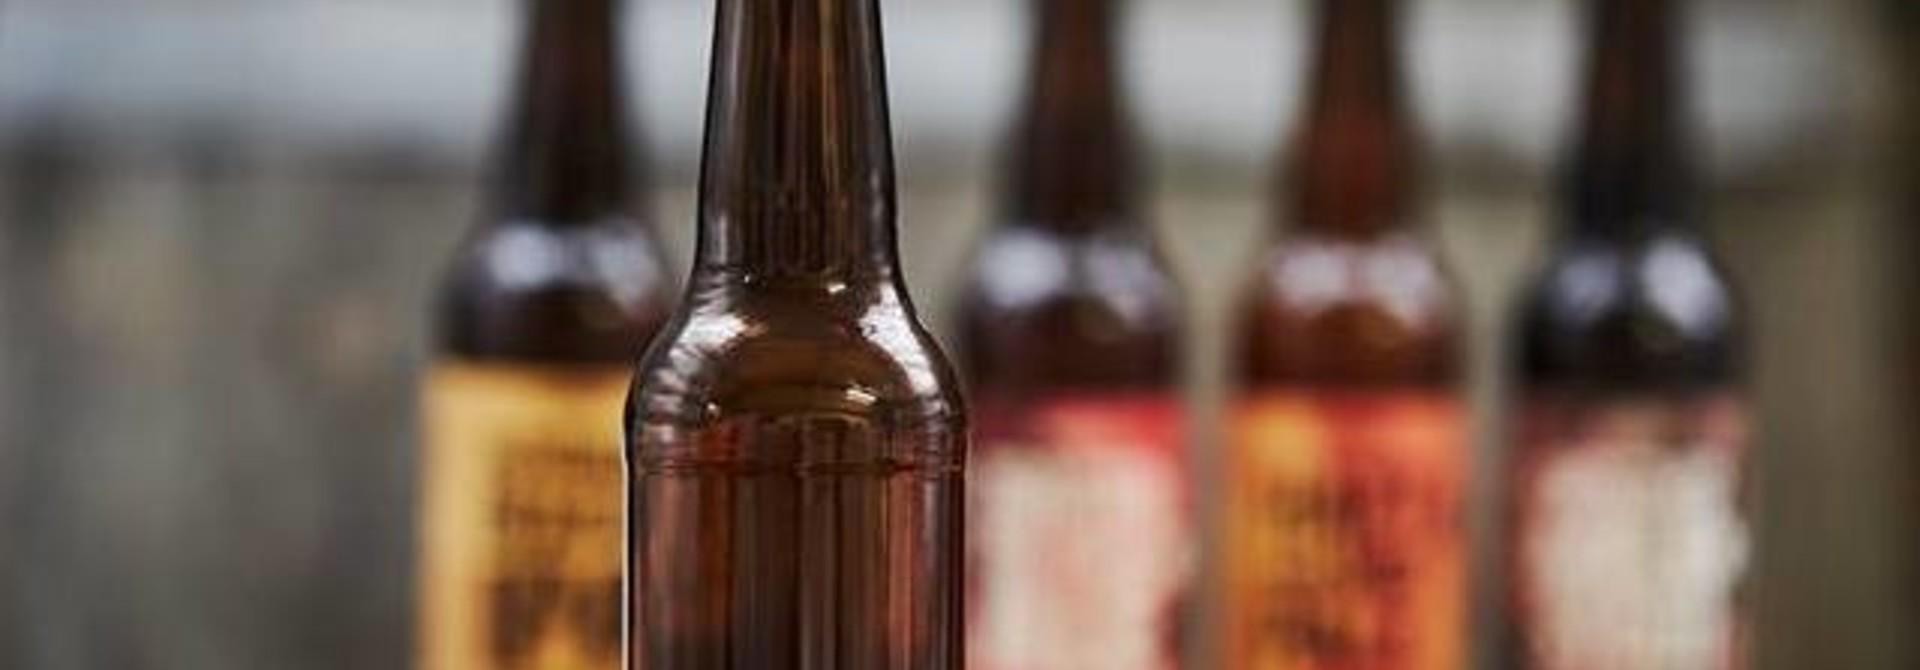 Just Beer Box - 12 bieren - Abonnement - 2 maandelijks